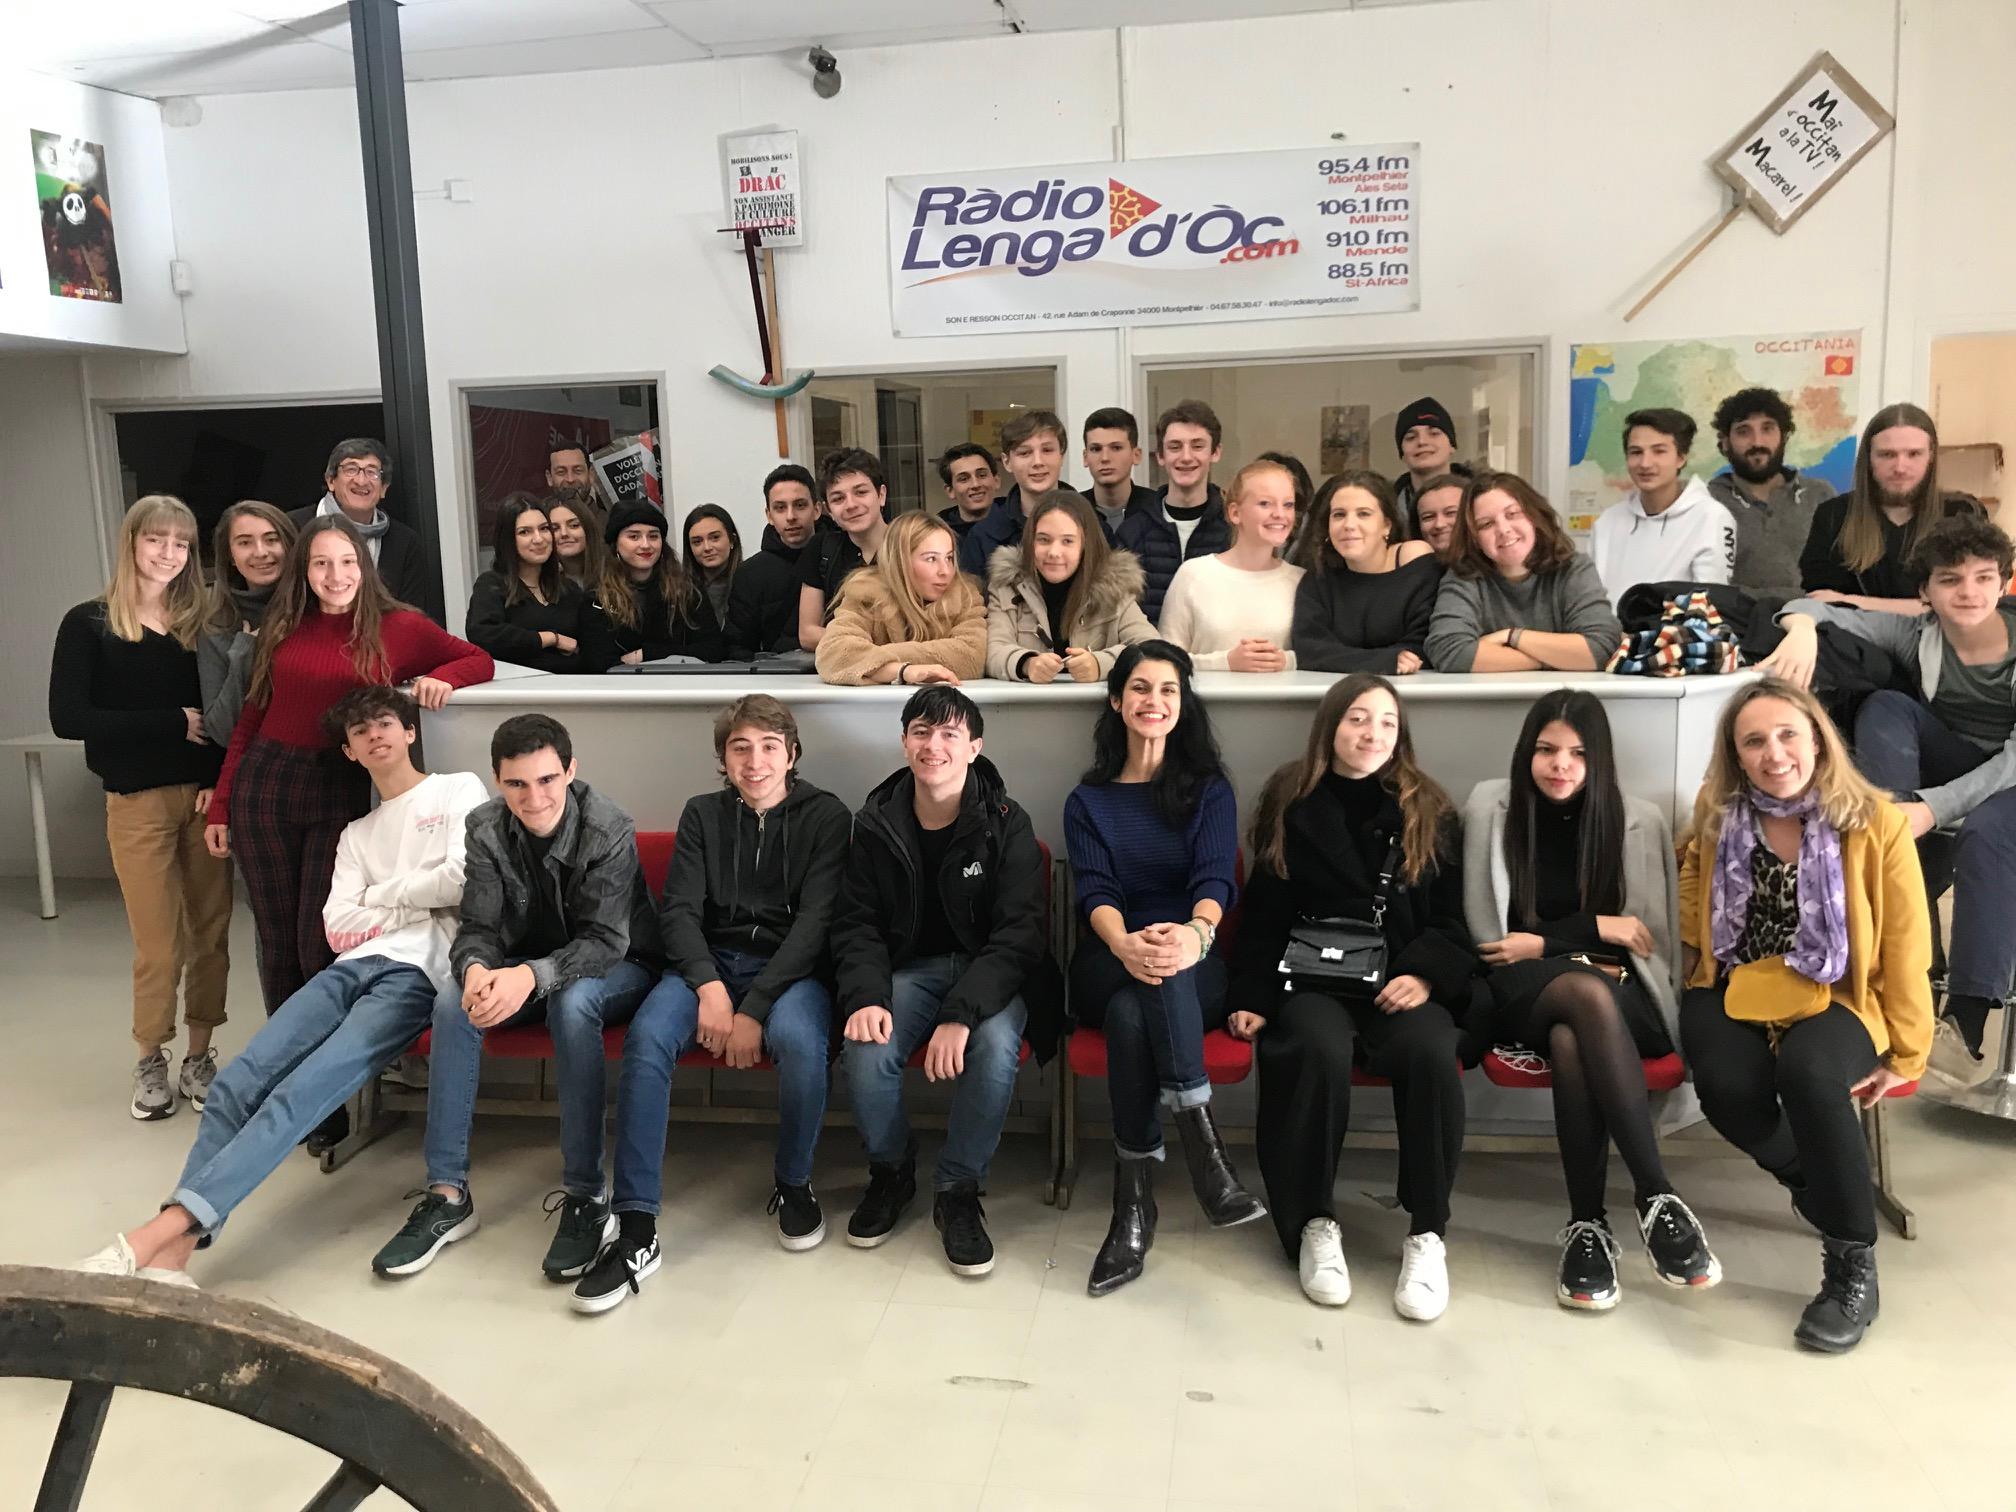 2019-01-15 - Los joves del licèu Massena de Nissa